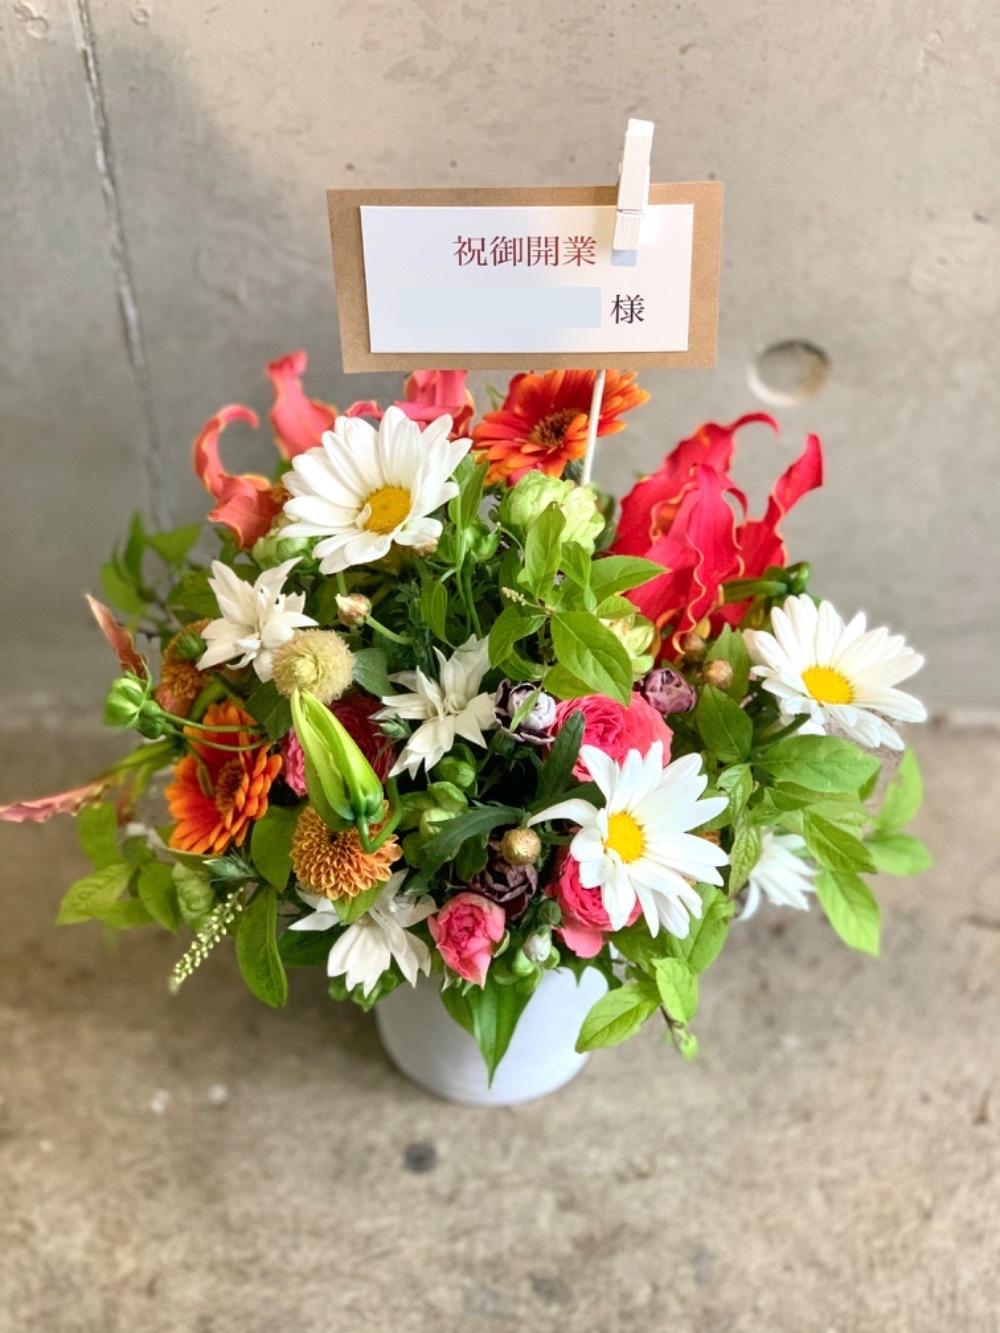 ご開業祝いの可愛らしい祝い花